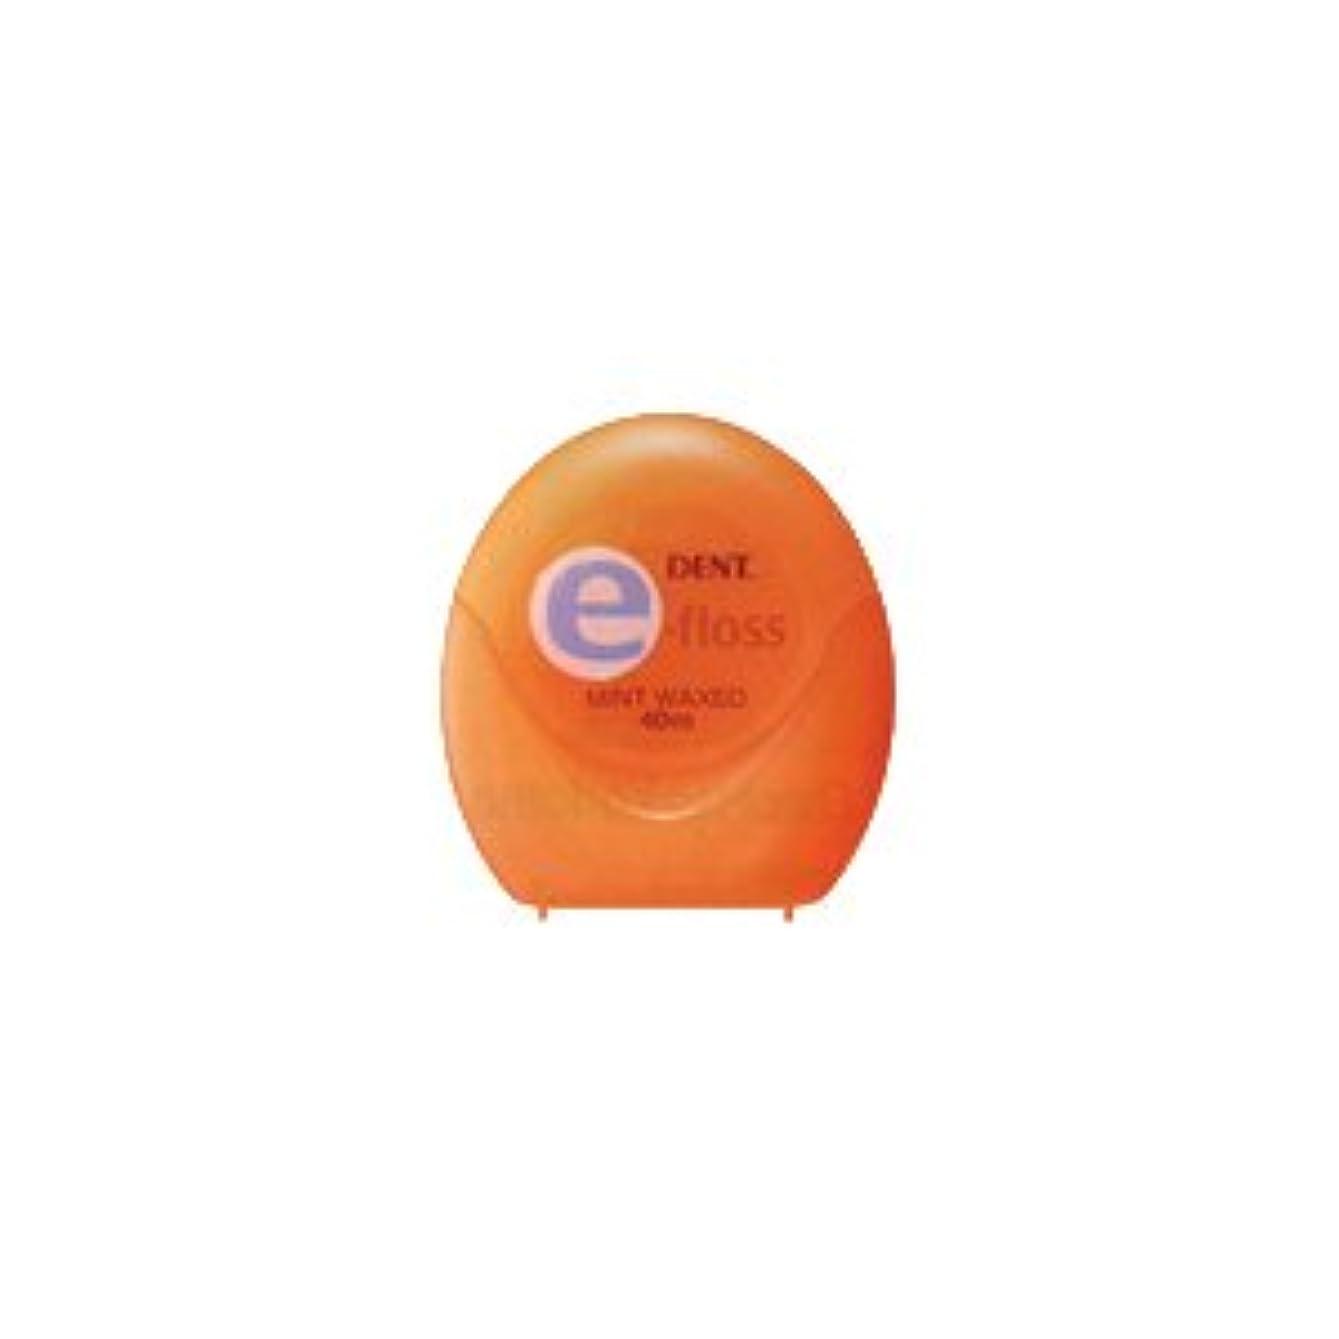 夕方損失においライオン DENT.e-floss デントイーフロス 1個 (オレンジ)